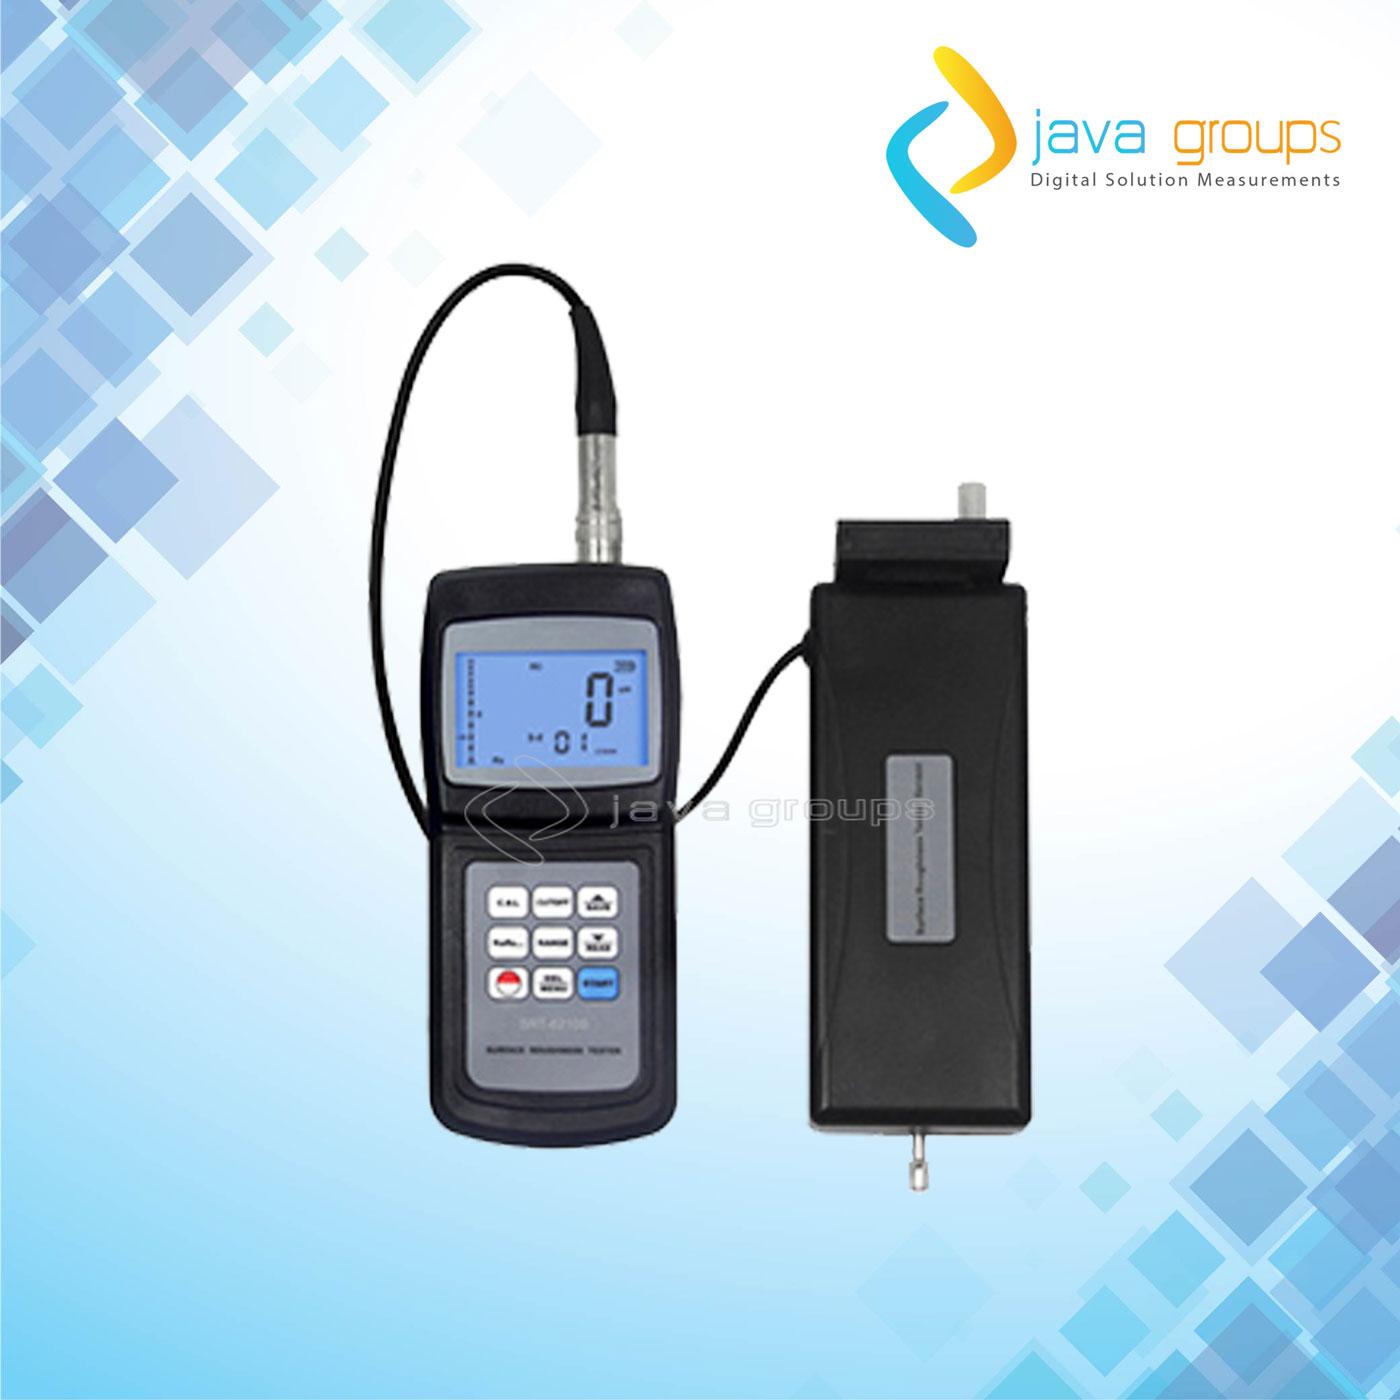 Alat Penguji Kekasaran Permukaan SRT-6200S